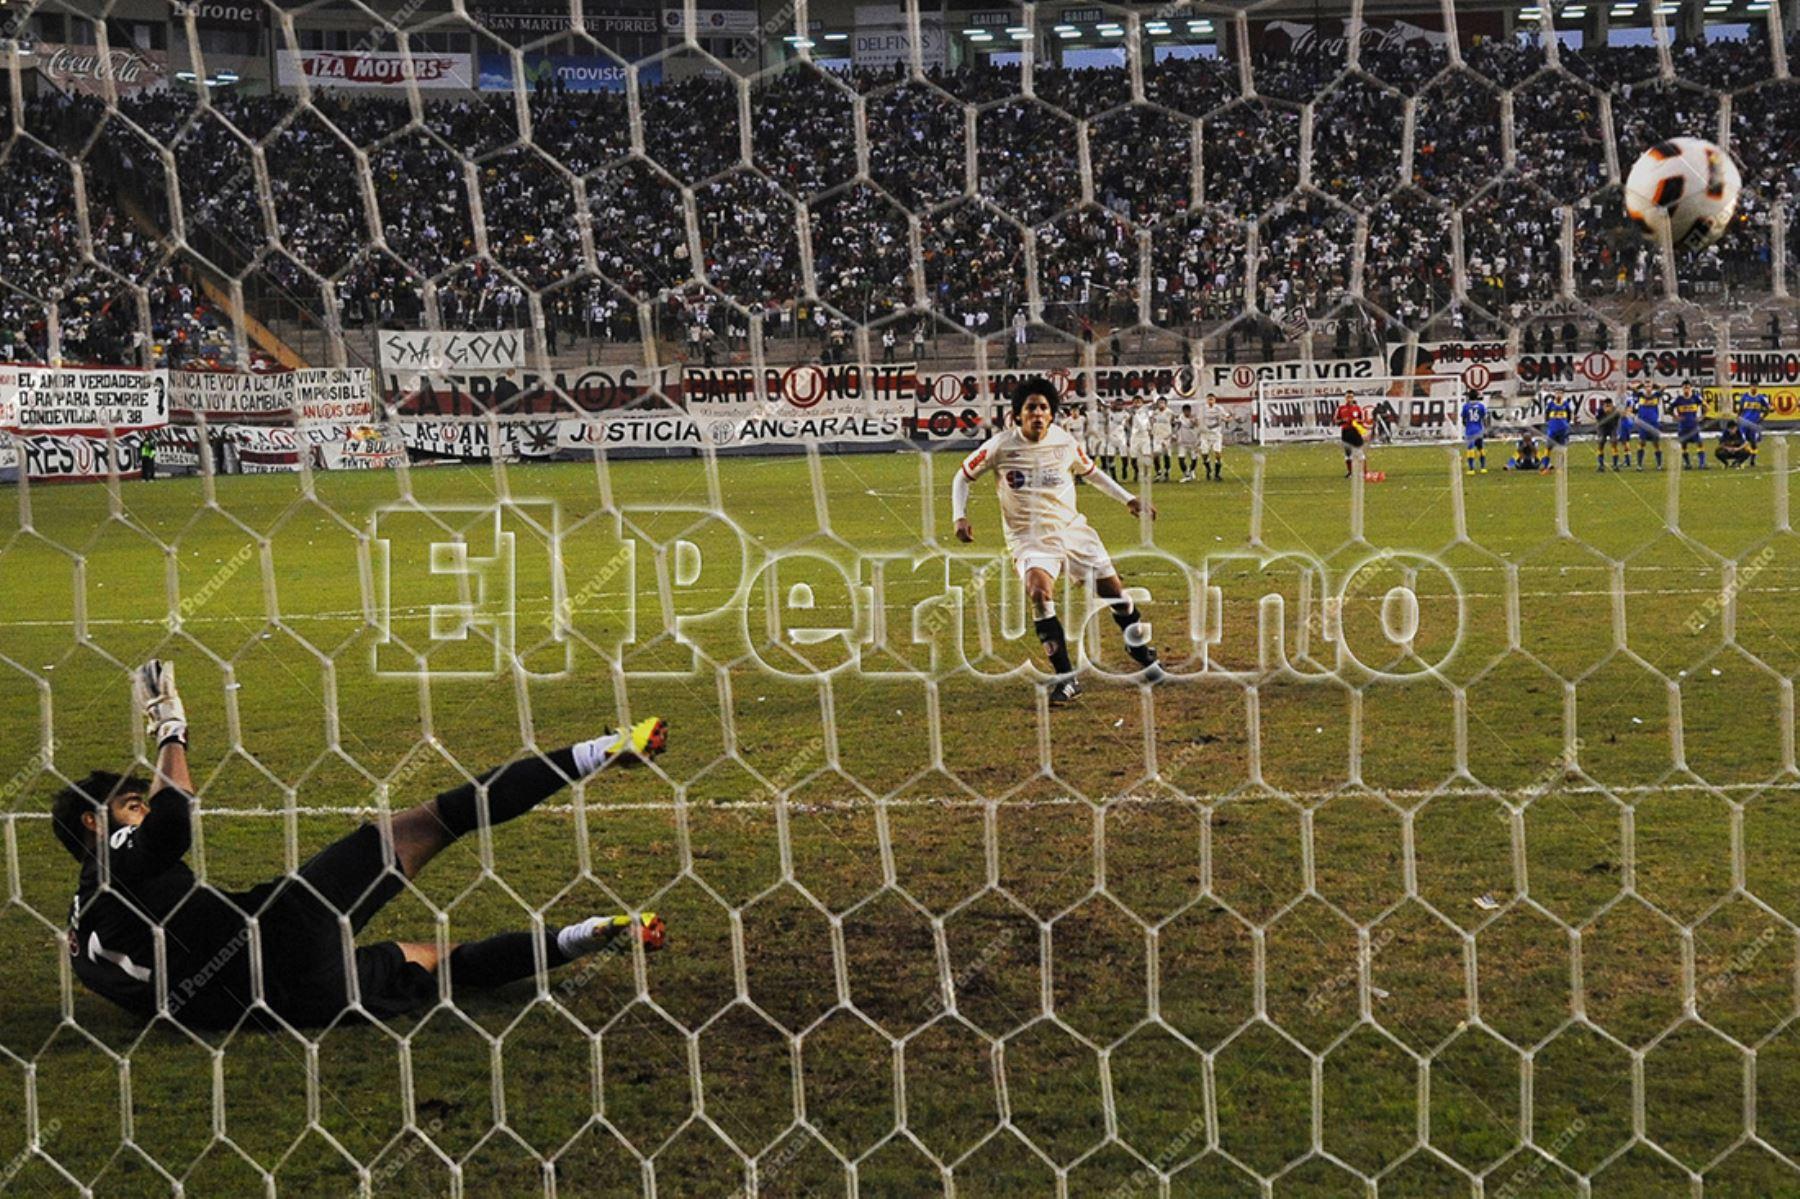 Lima - 26 junio 2011 / Universitario de Deportes se consagró campeón de la primera edición de la Copa Libertadores de América sub 20 al vencer en el Estadio Monumental a  Boca Juniors de Argentina en tanda de penales. Foto: Aandina / Oscar Durand